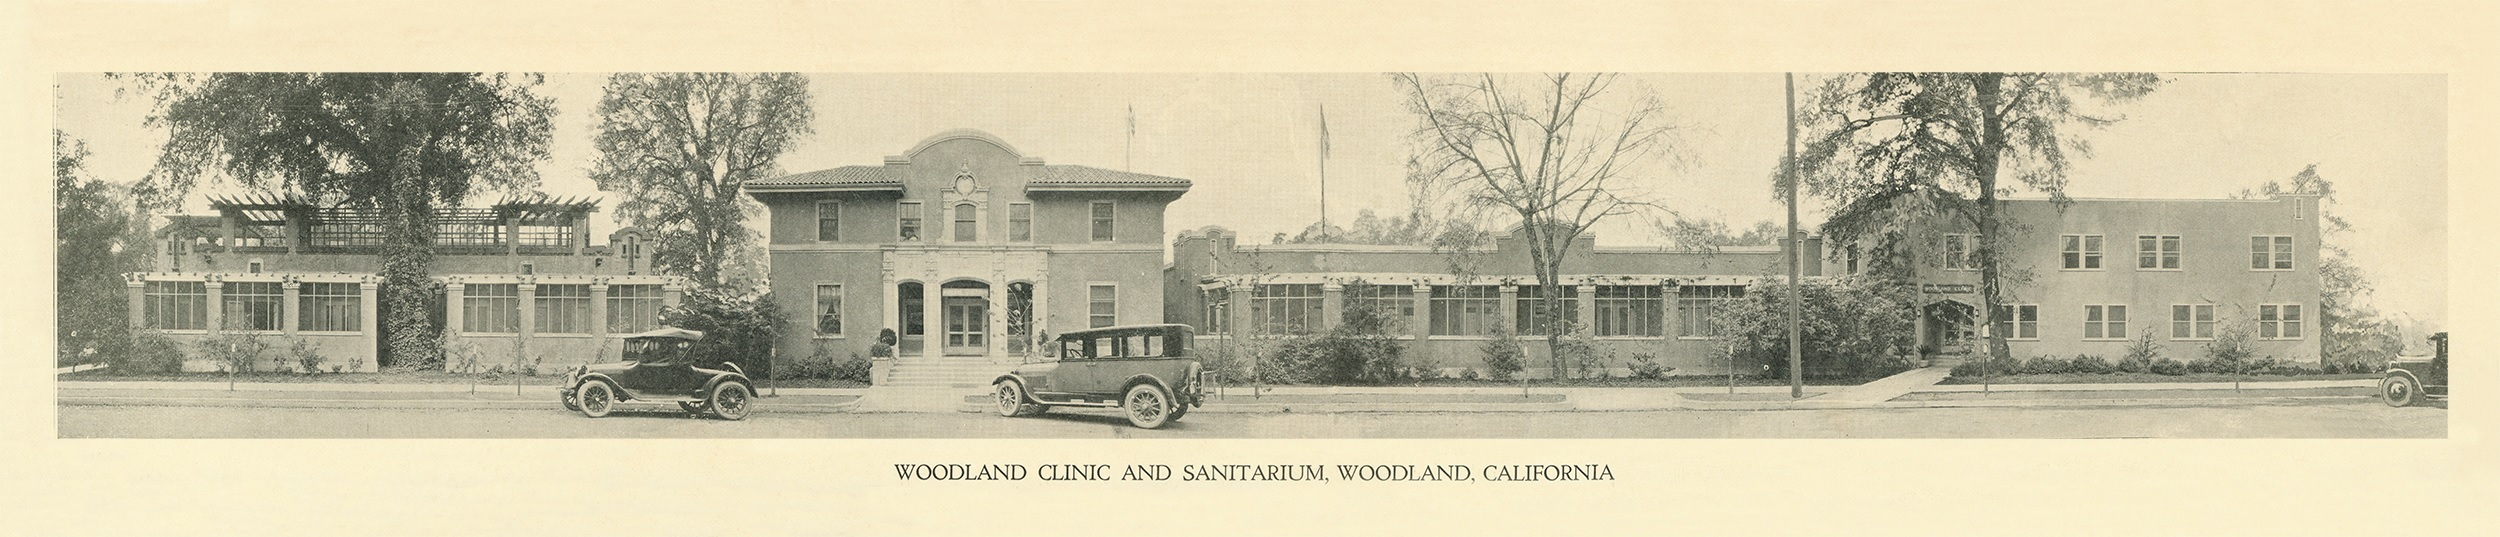 Woodland ClinicSanitarium